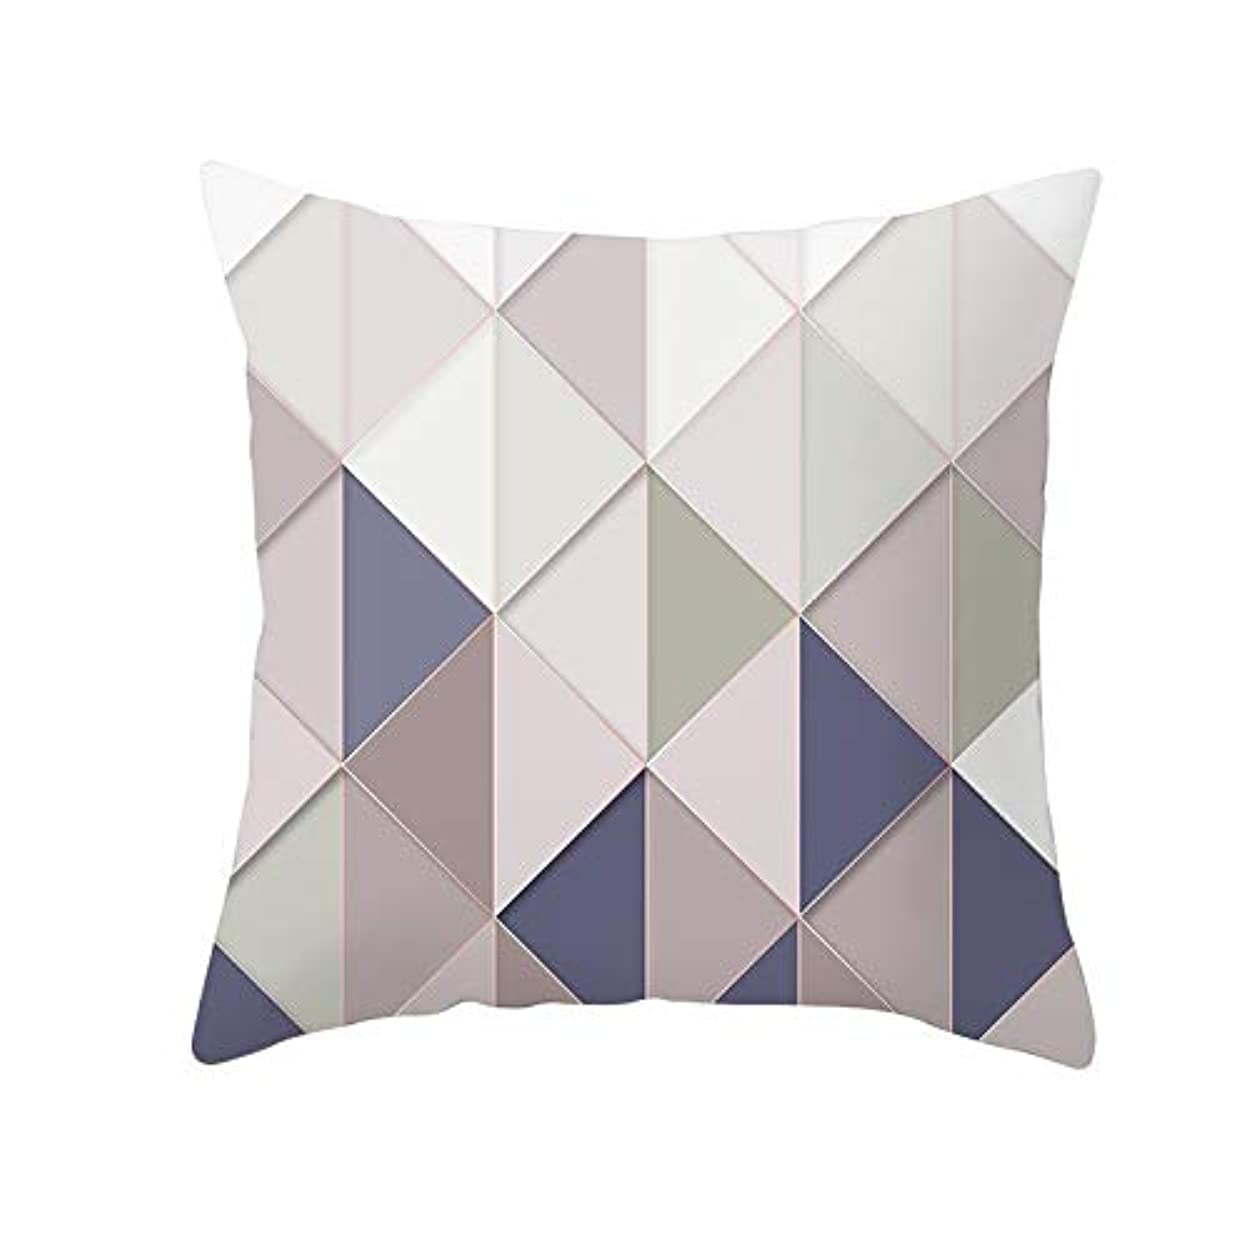 しっとりエネルギーはっきりとLIFE 装飾クッションソファ 幾何学プリントポリエステル正方形の枕ソファスロークッション家の装飾 coussin デ長椅子 クッション 椅子